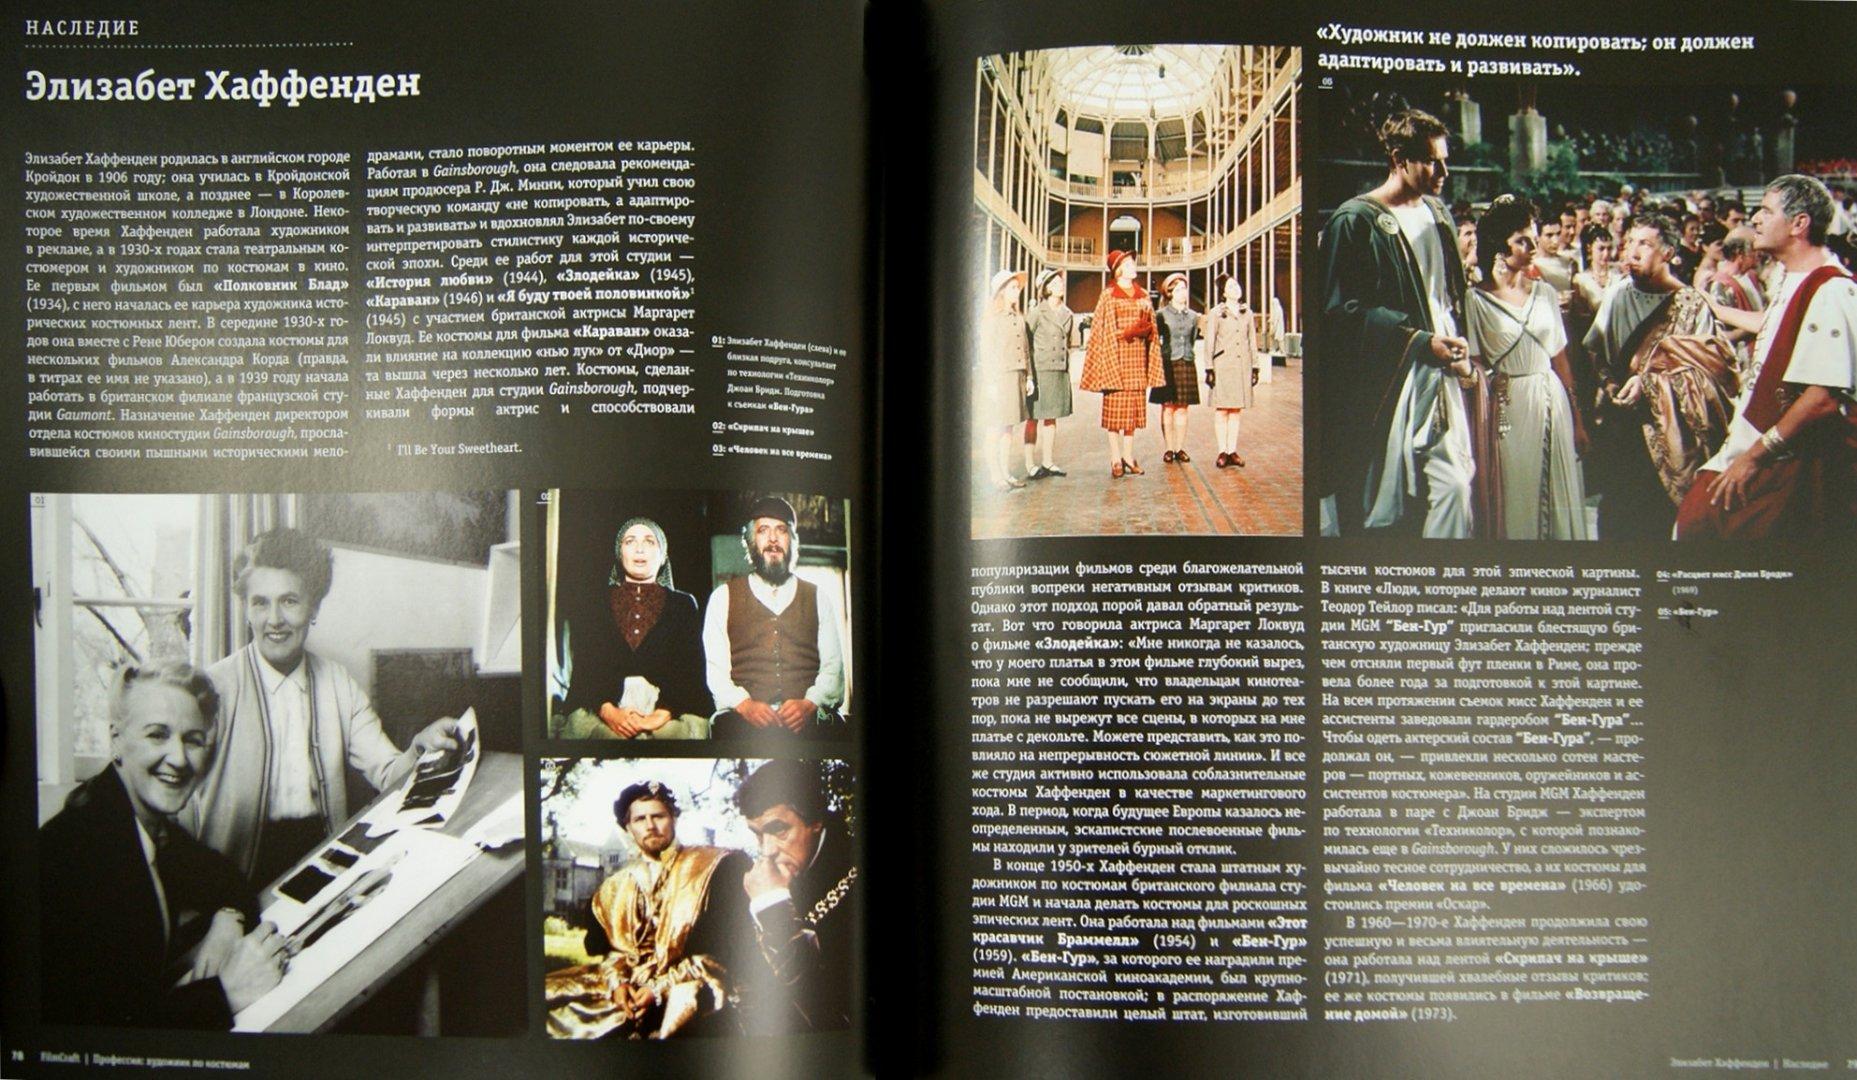 Иллюстрация 1 из 14 для Профессия: художник по костюмам - Лэндис Надулман   Лабиринт - книги. Источник: Лабиринт